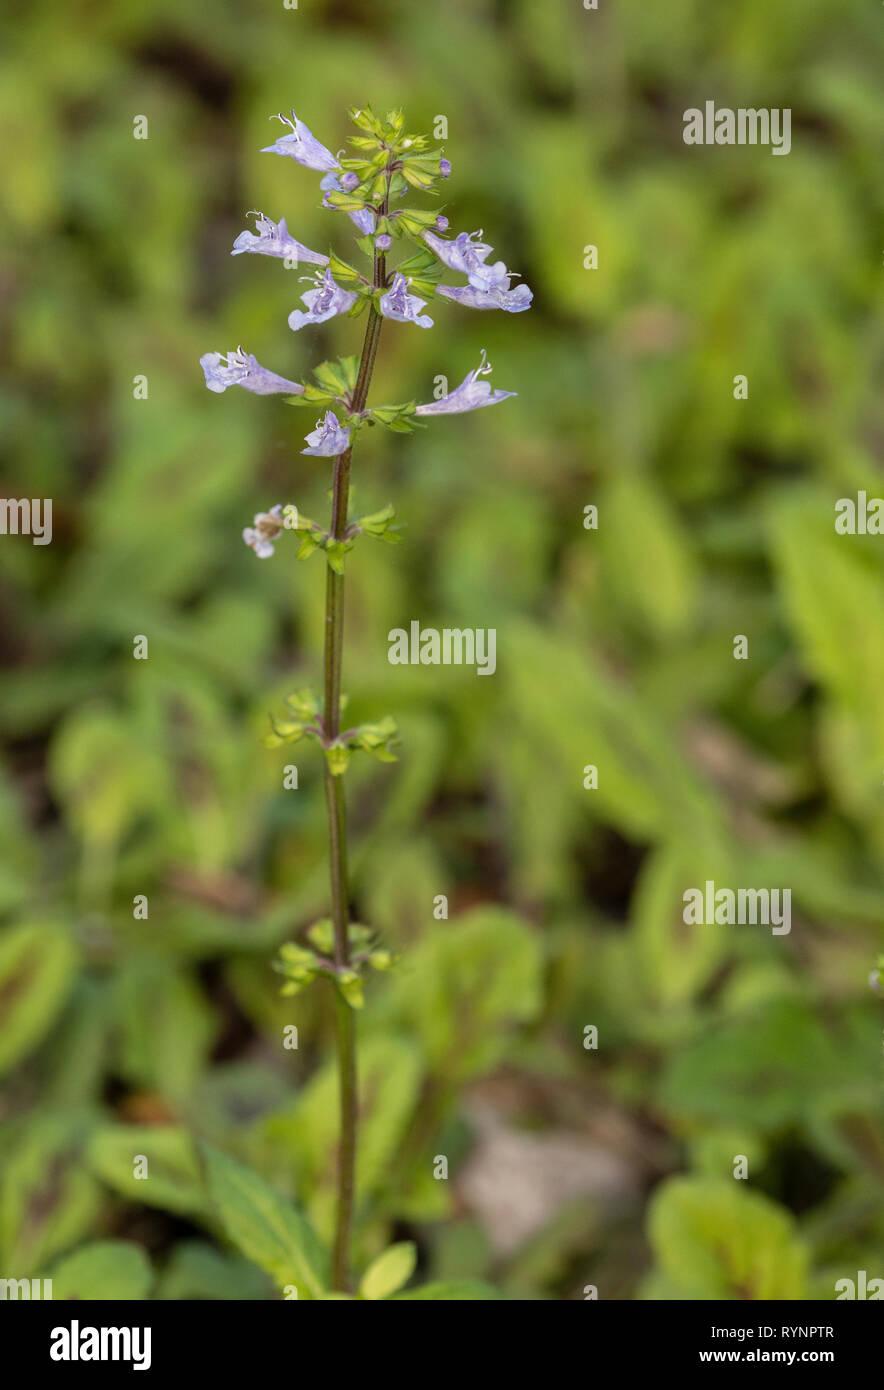 Salvia lyrata, lyre-leaf sage, lyreleaf sage, wild sage, cancerweed, - Stock Image